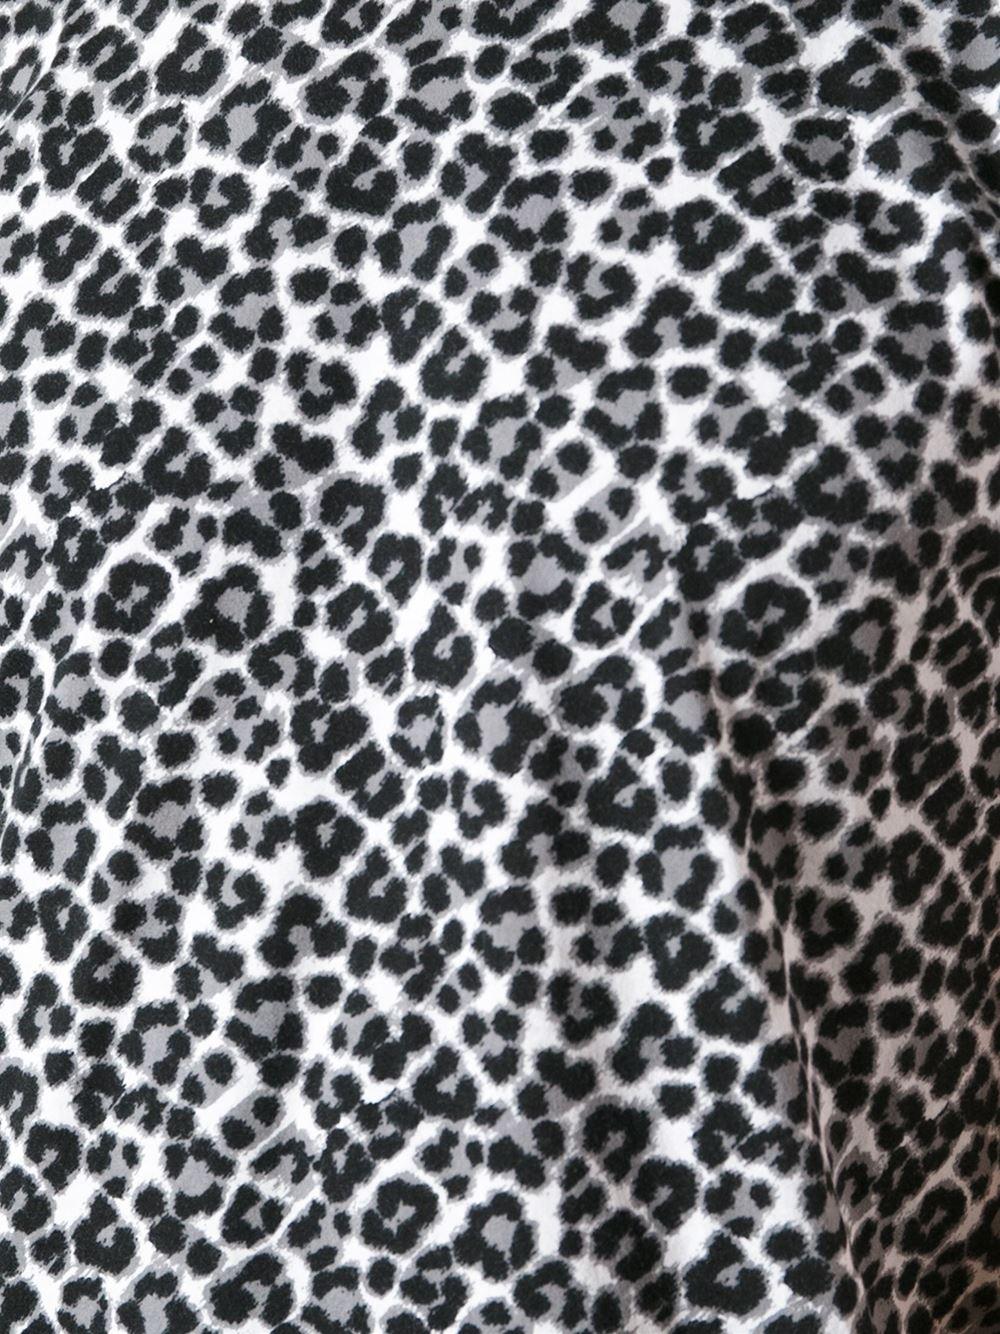 Lyst - Saint Laurent Leopard Print T-Shirt in Black for Men - photo#11